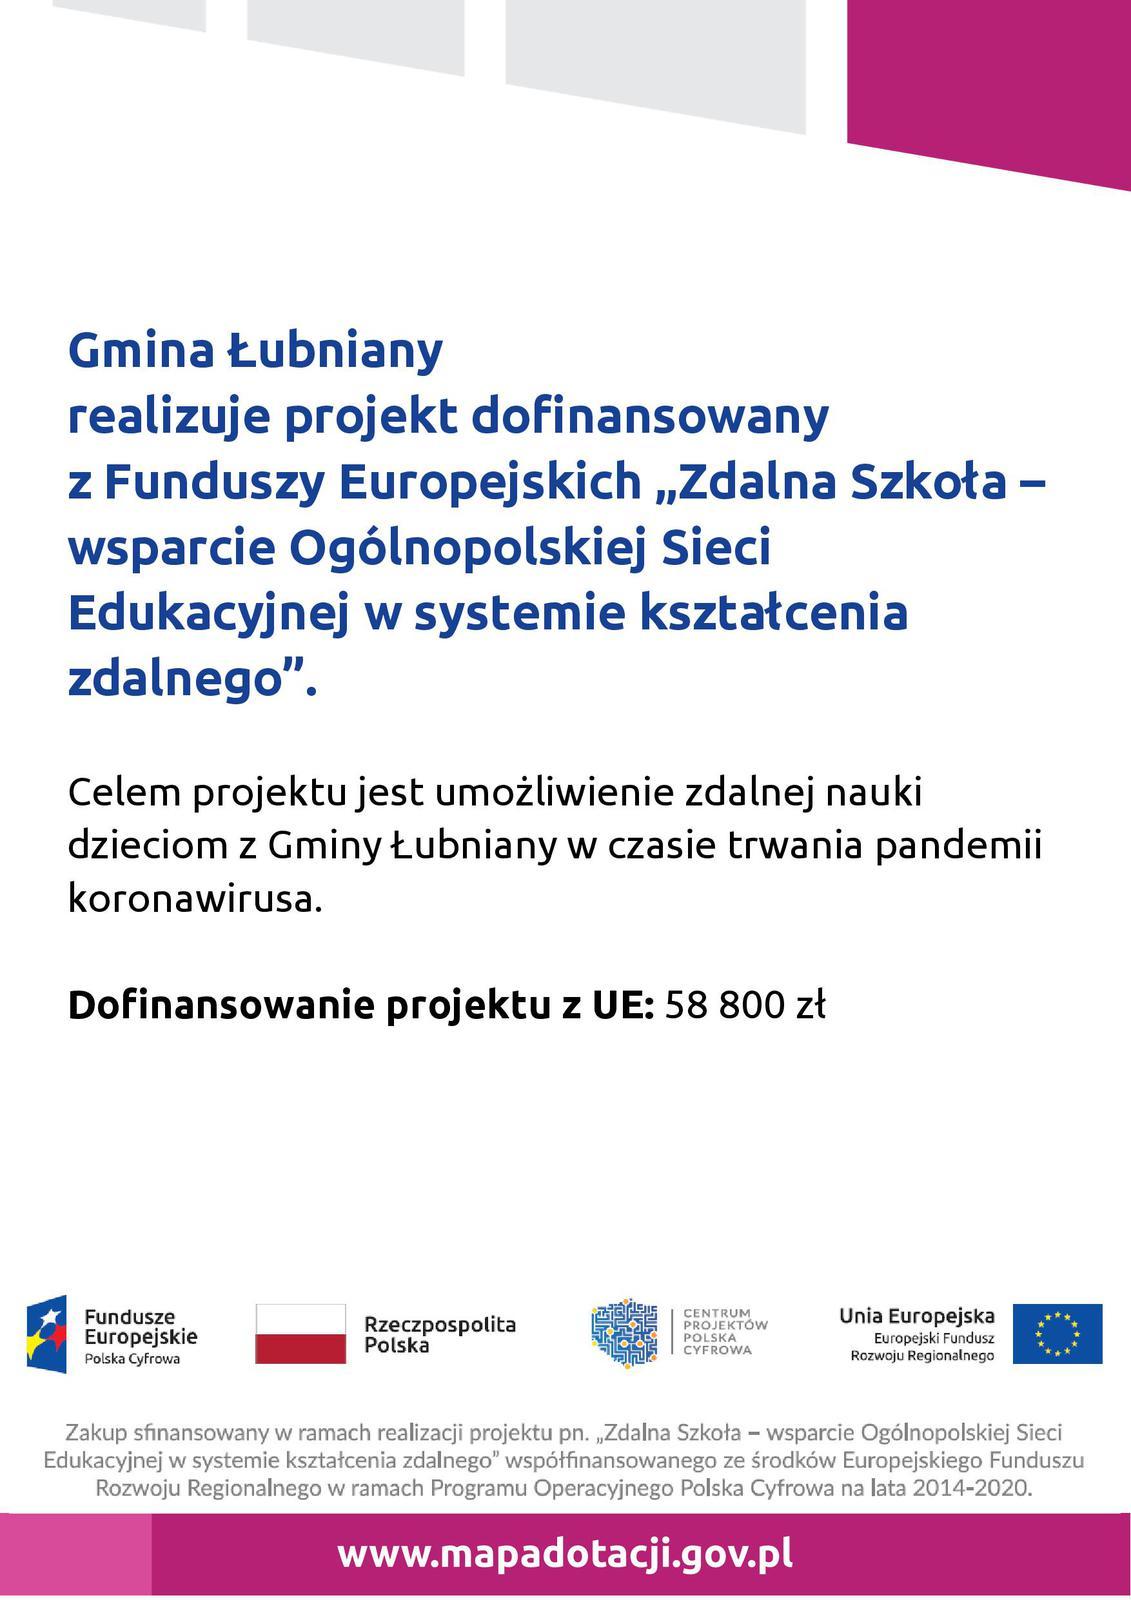 """Gmina Łubniany realizuje projekt dofinansowany z Funduszy Europejskich """"Zdalna Szkoła – wsparcie Ogólnopolskiej Sieci Edukacyjnej w systemie kształcenia zdalnego"""""""